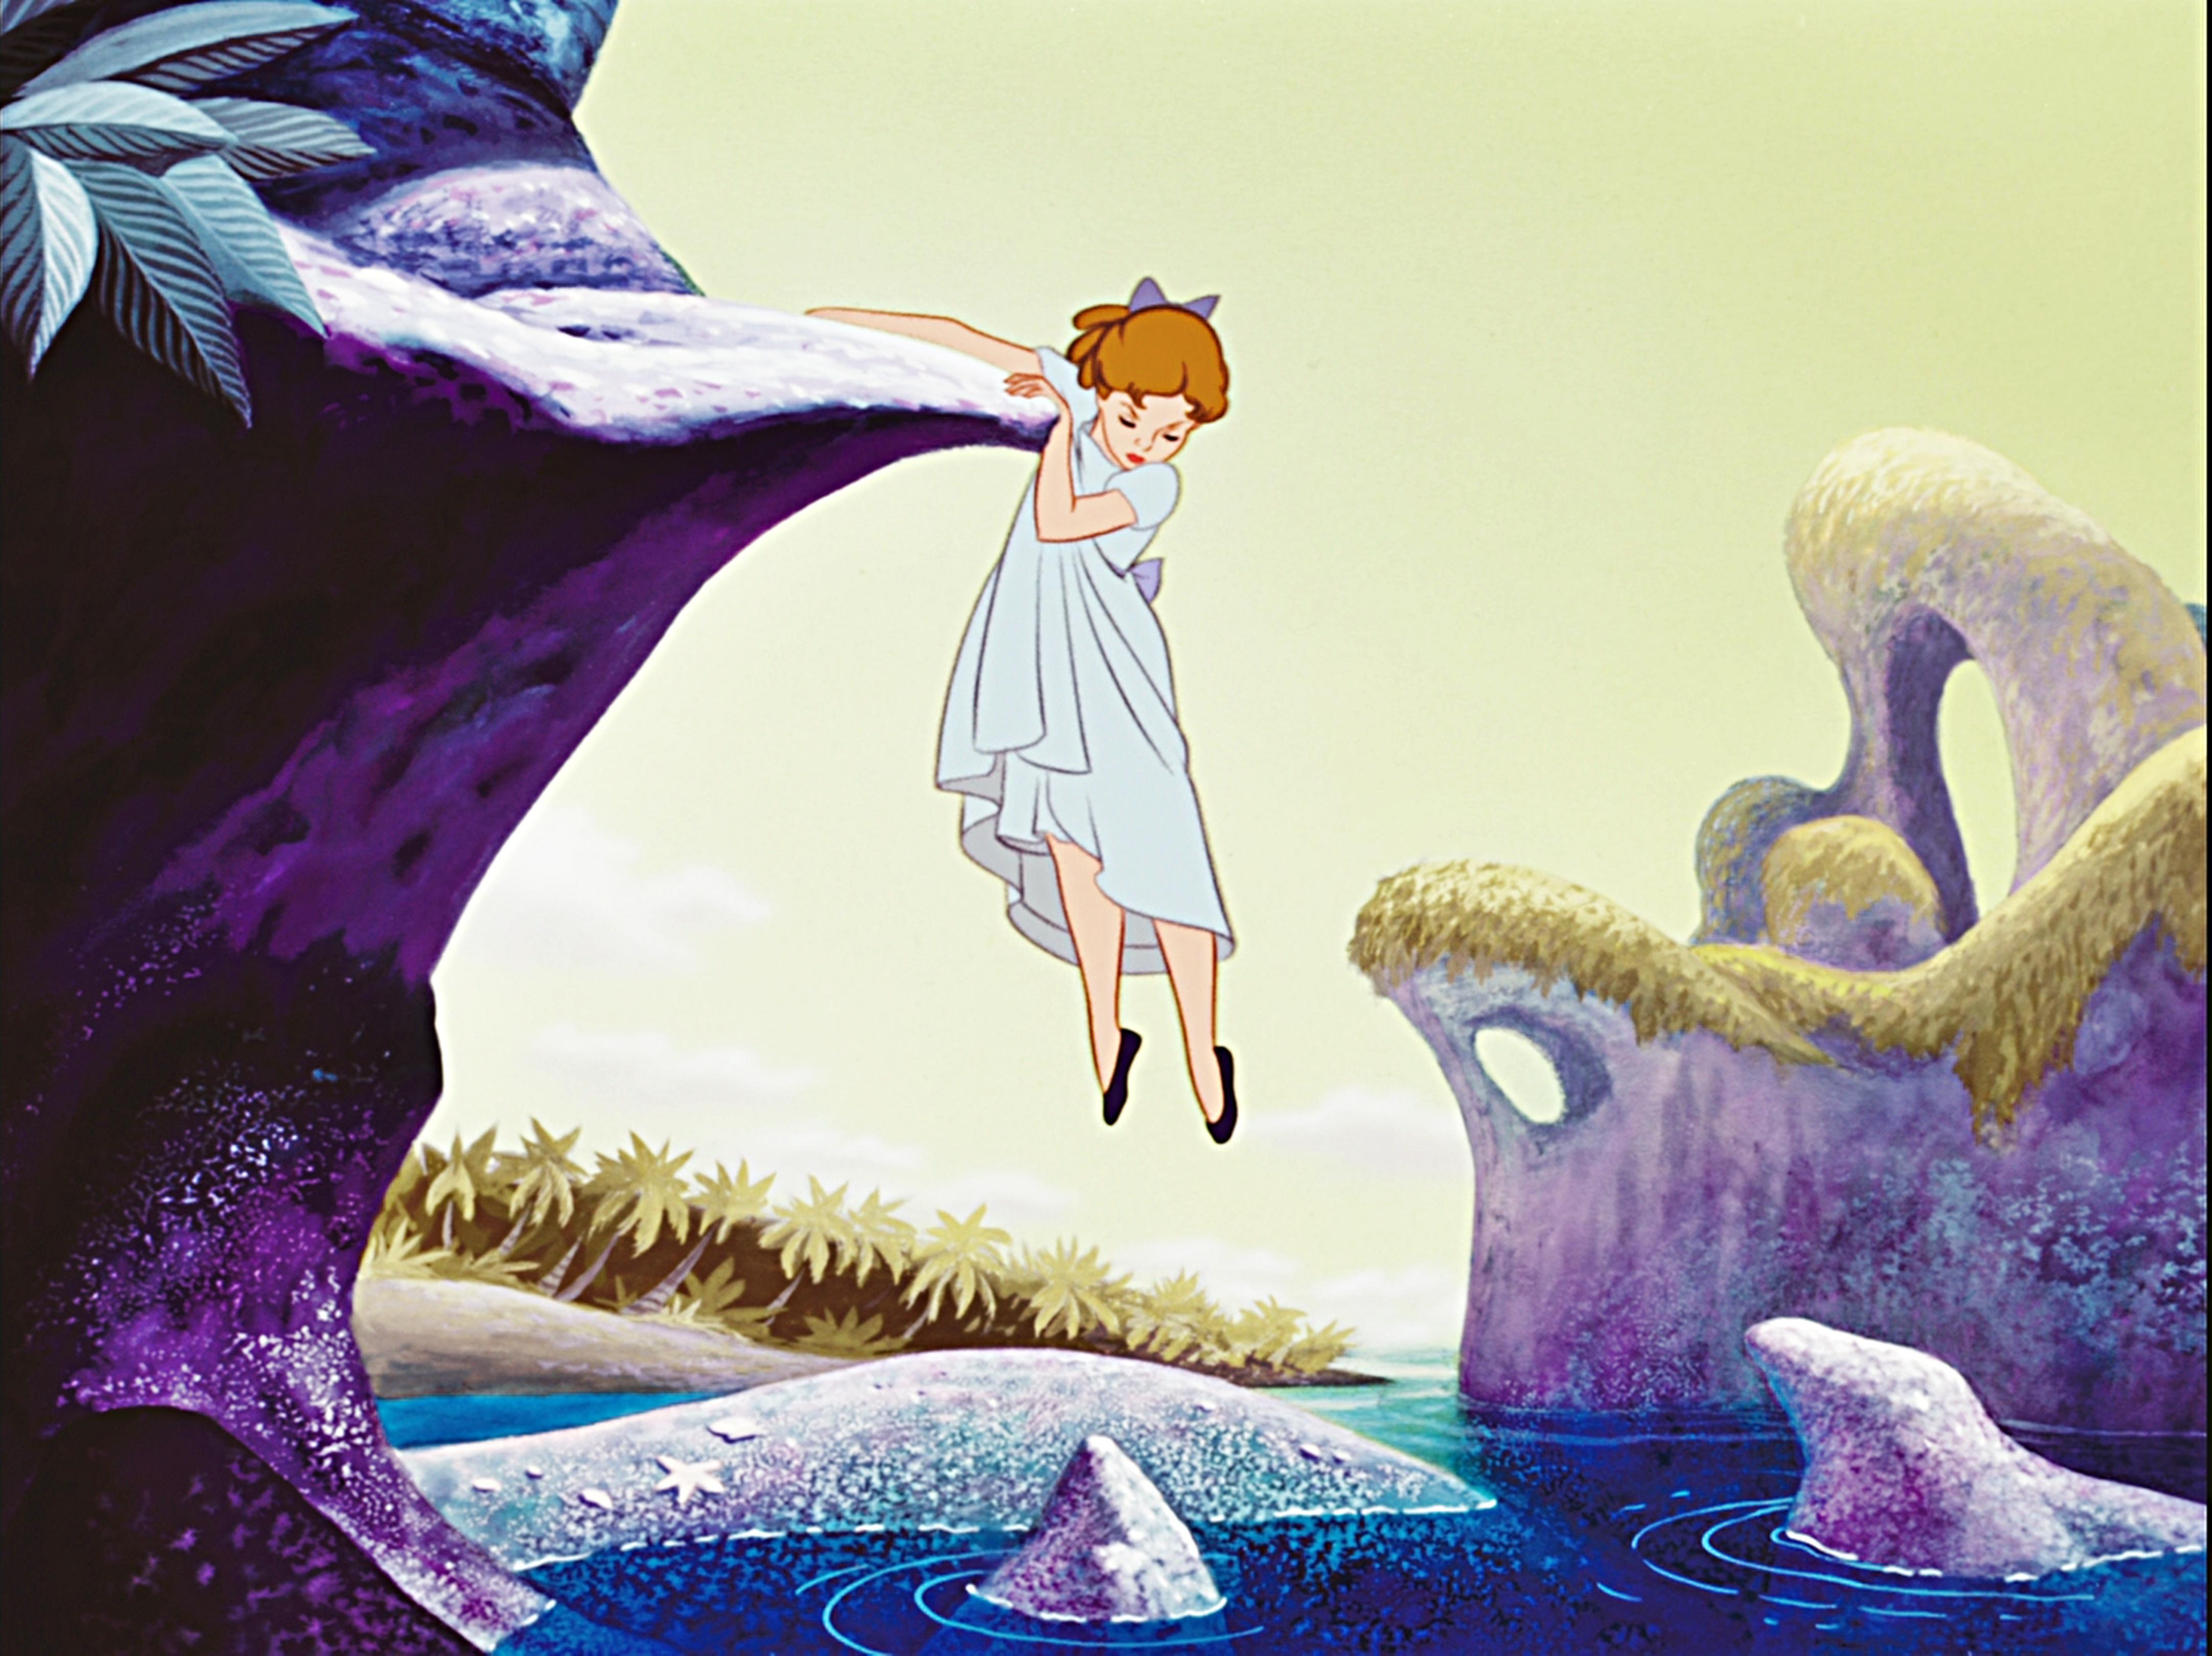 Walt Disney Coloring Pages Frozen : Frozen coloring pages kristoff ratejna